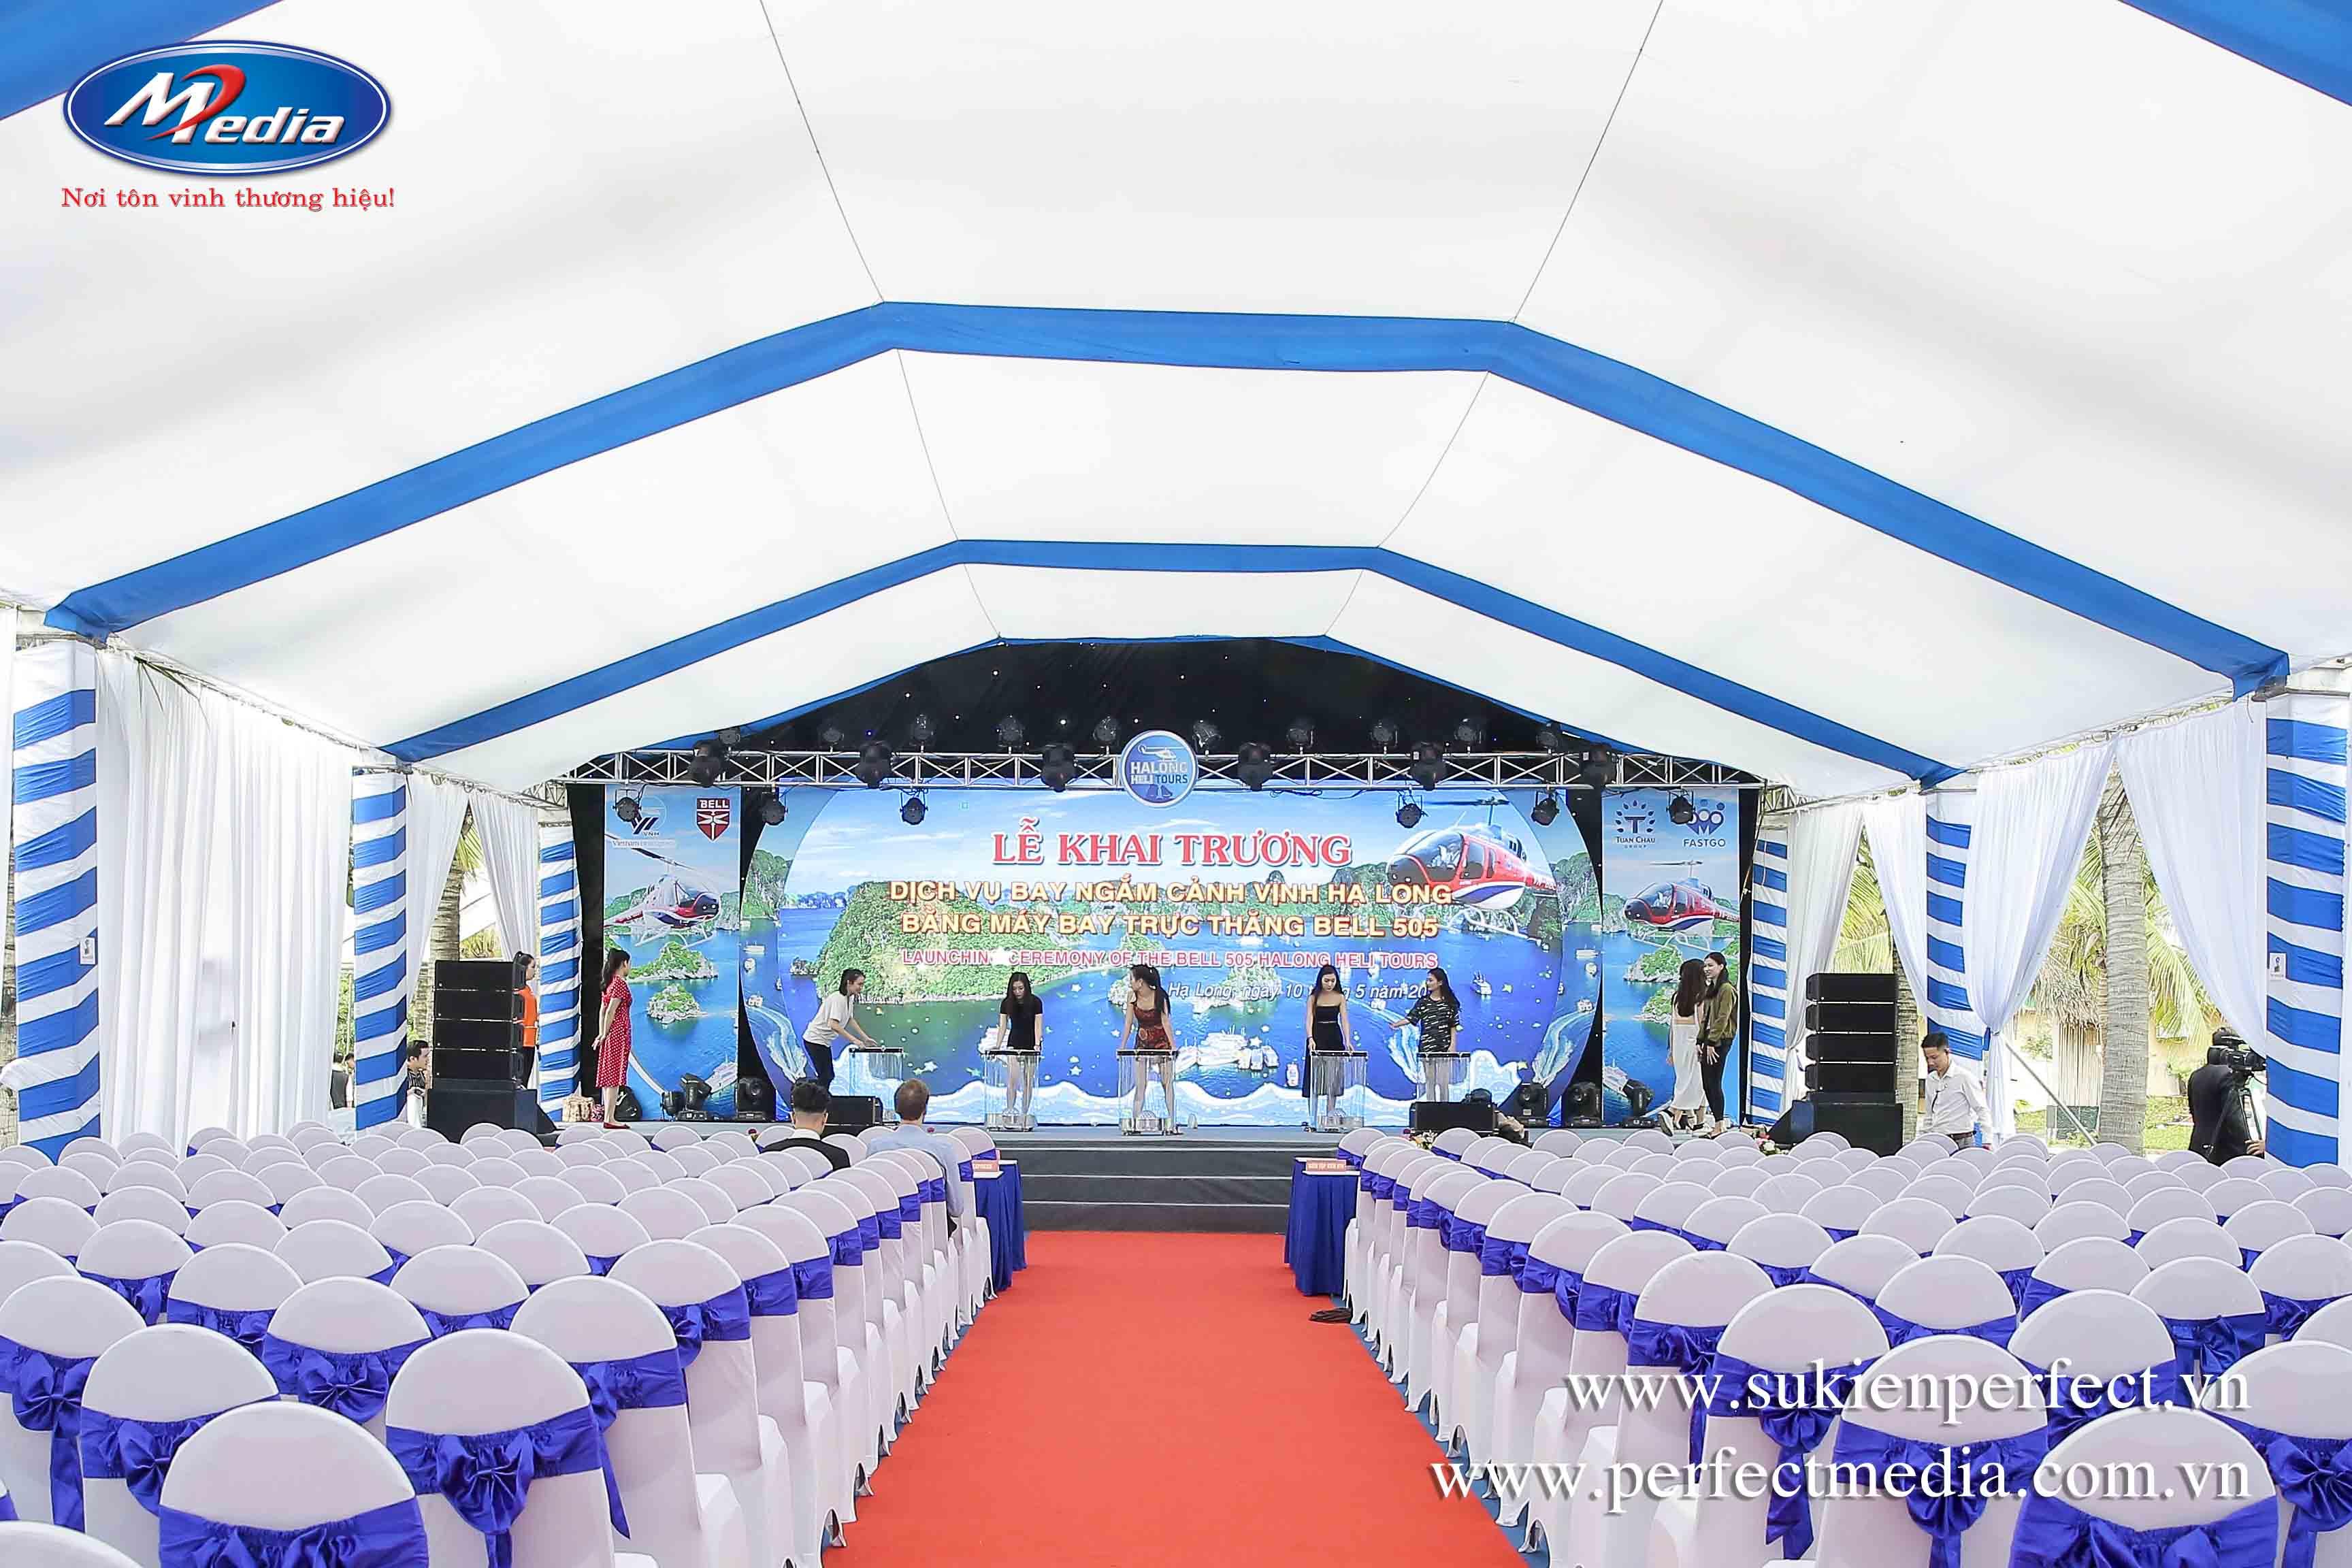 Hệ thống âm thanh ánh lớn cung cấp cho sự kiện chuyên nghiệp tại Quảng Ninh - Hạ Long